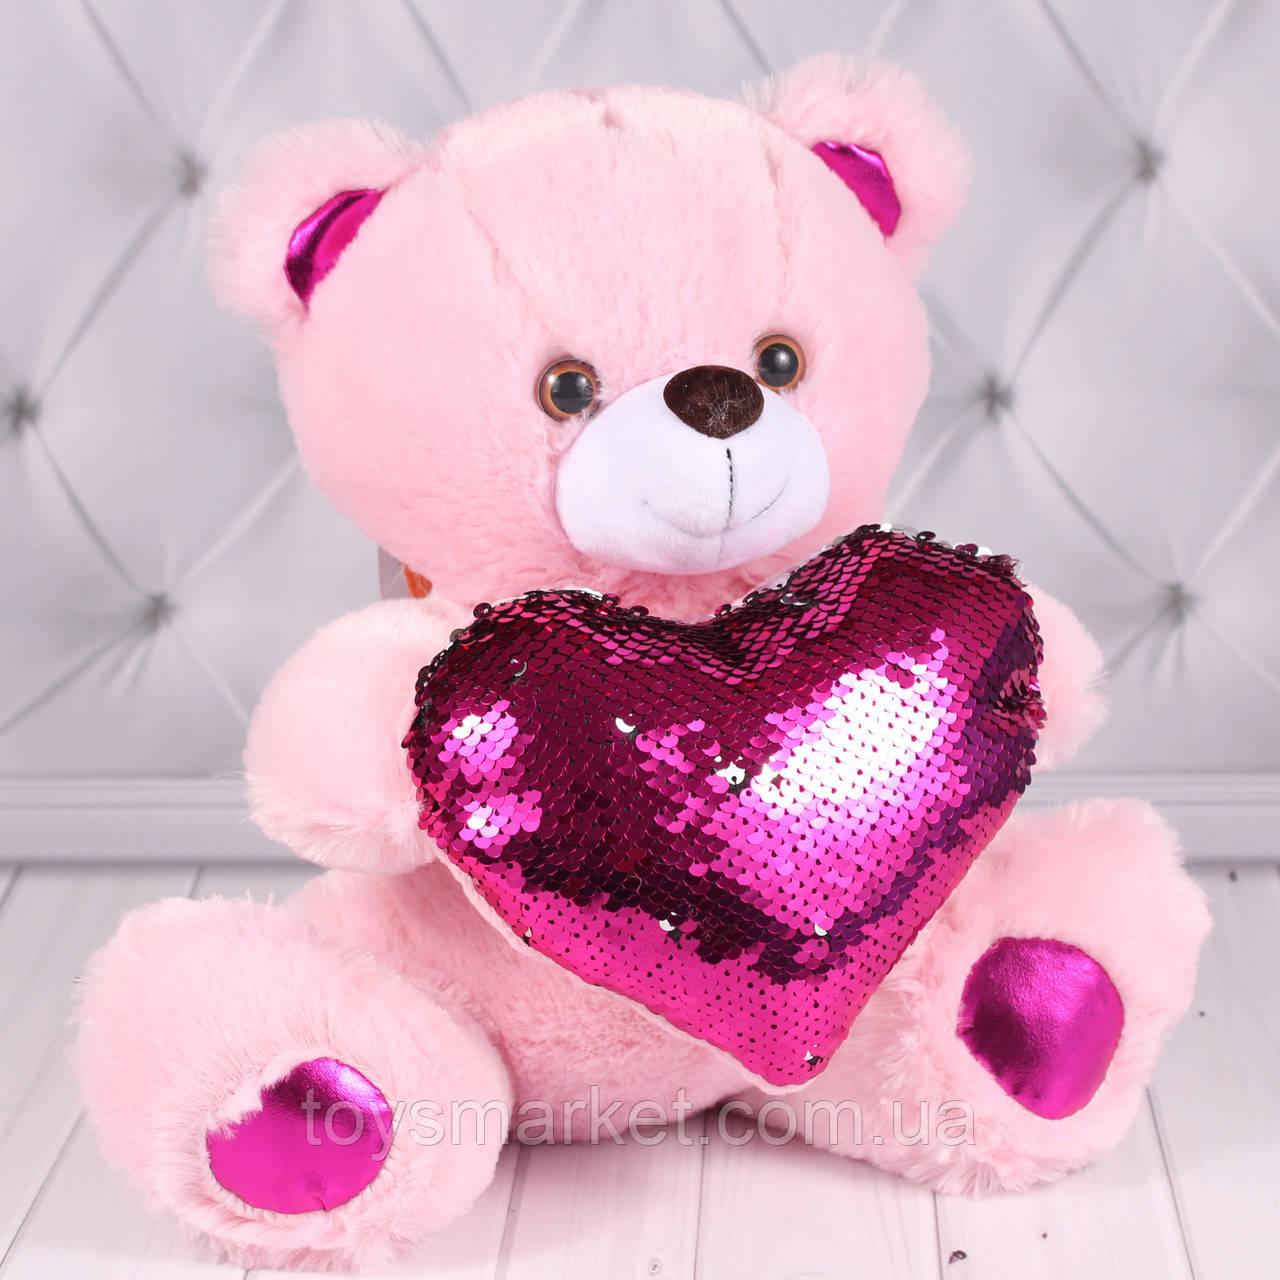 Мягкая игрушка мишка с сердцем, плюшевый медвежонок, 30 см